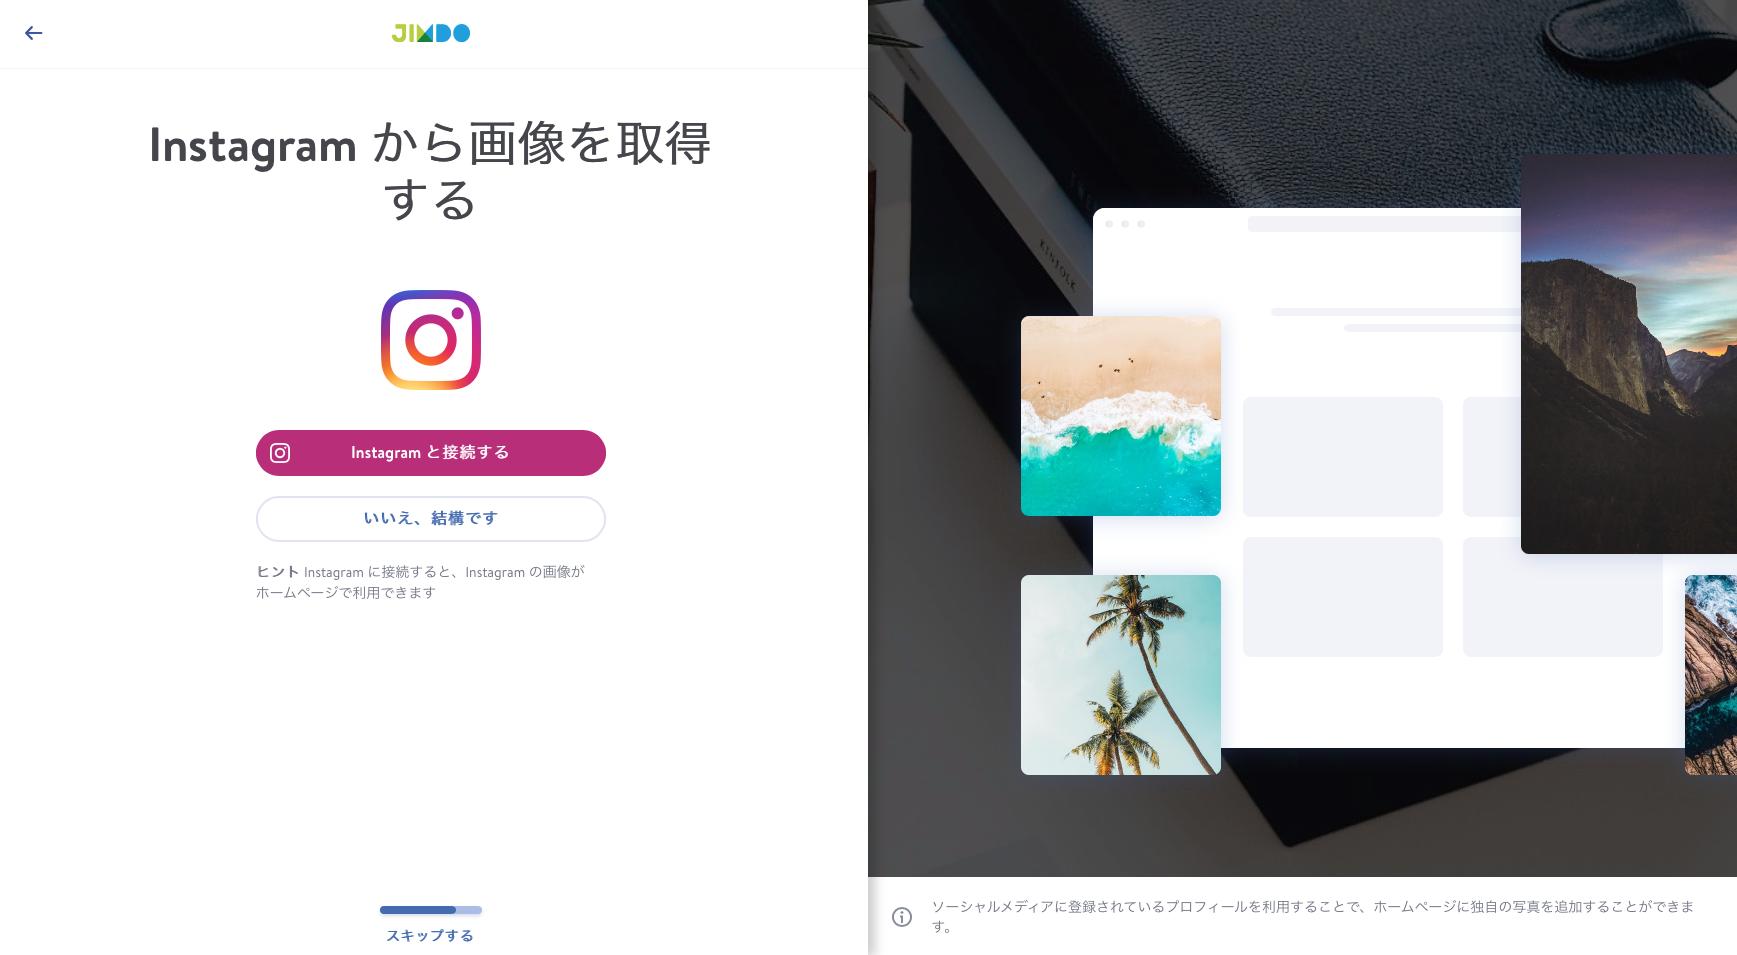 6. Instagram のアカウントがある場合は接続しましょう